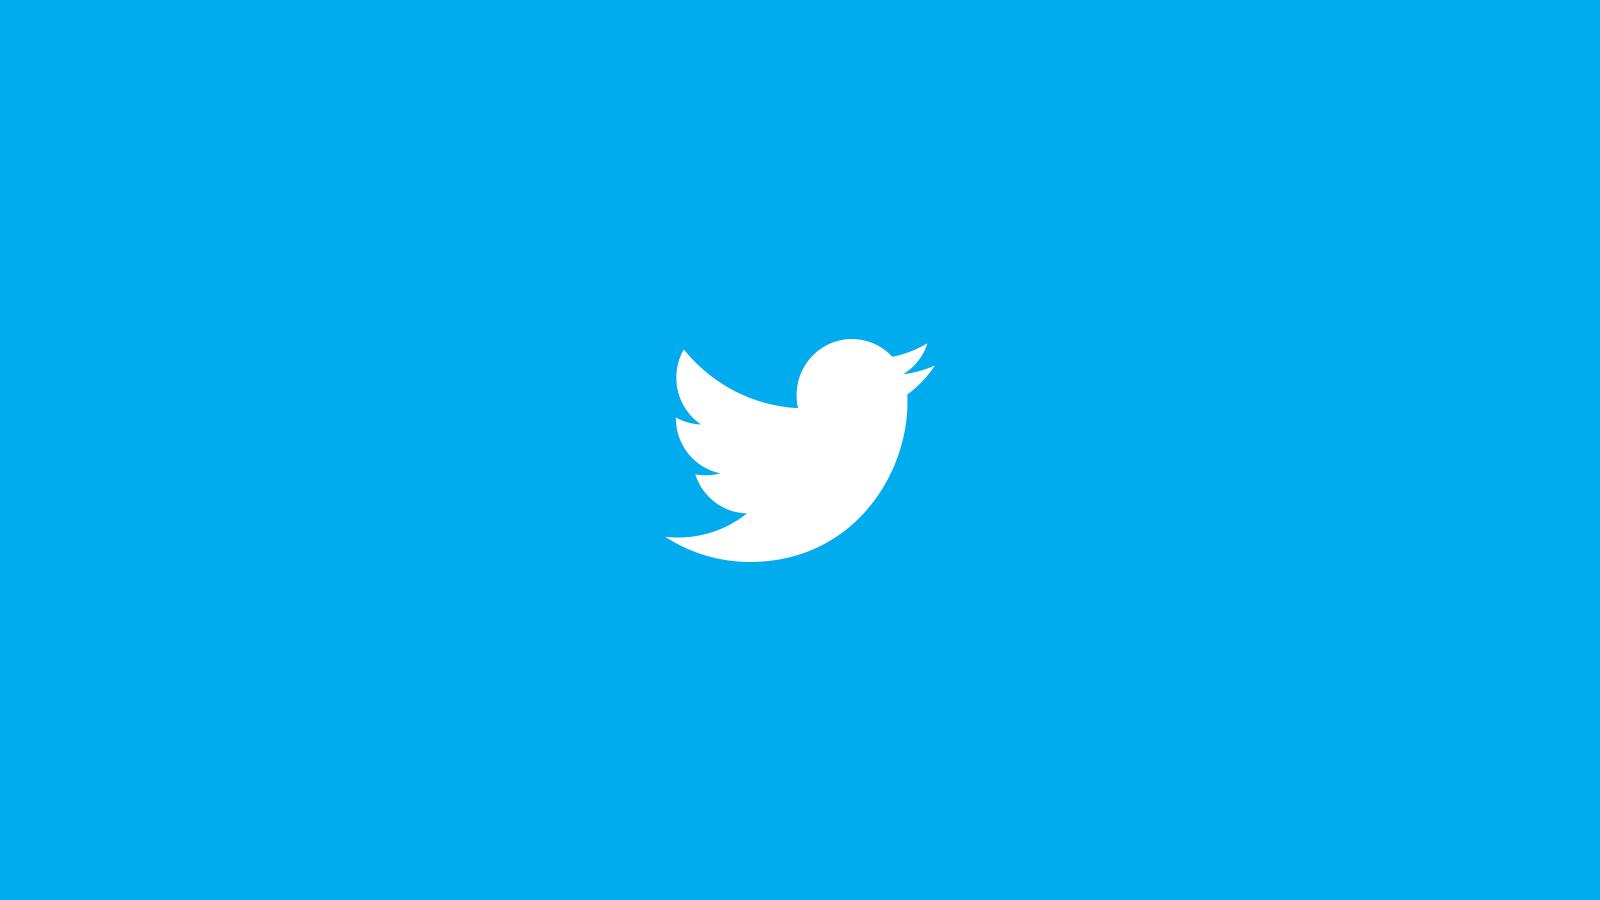 تويتر تُضيف على الجدول الزمني للمستخدم خاصية من أُتابع